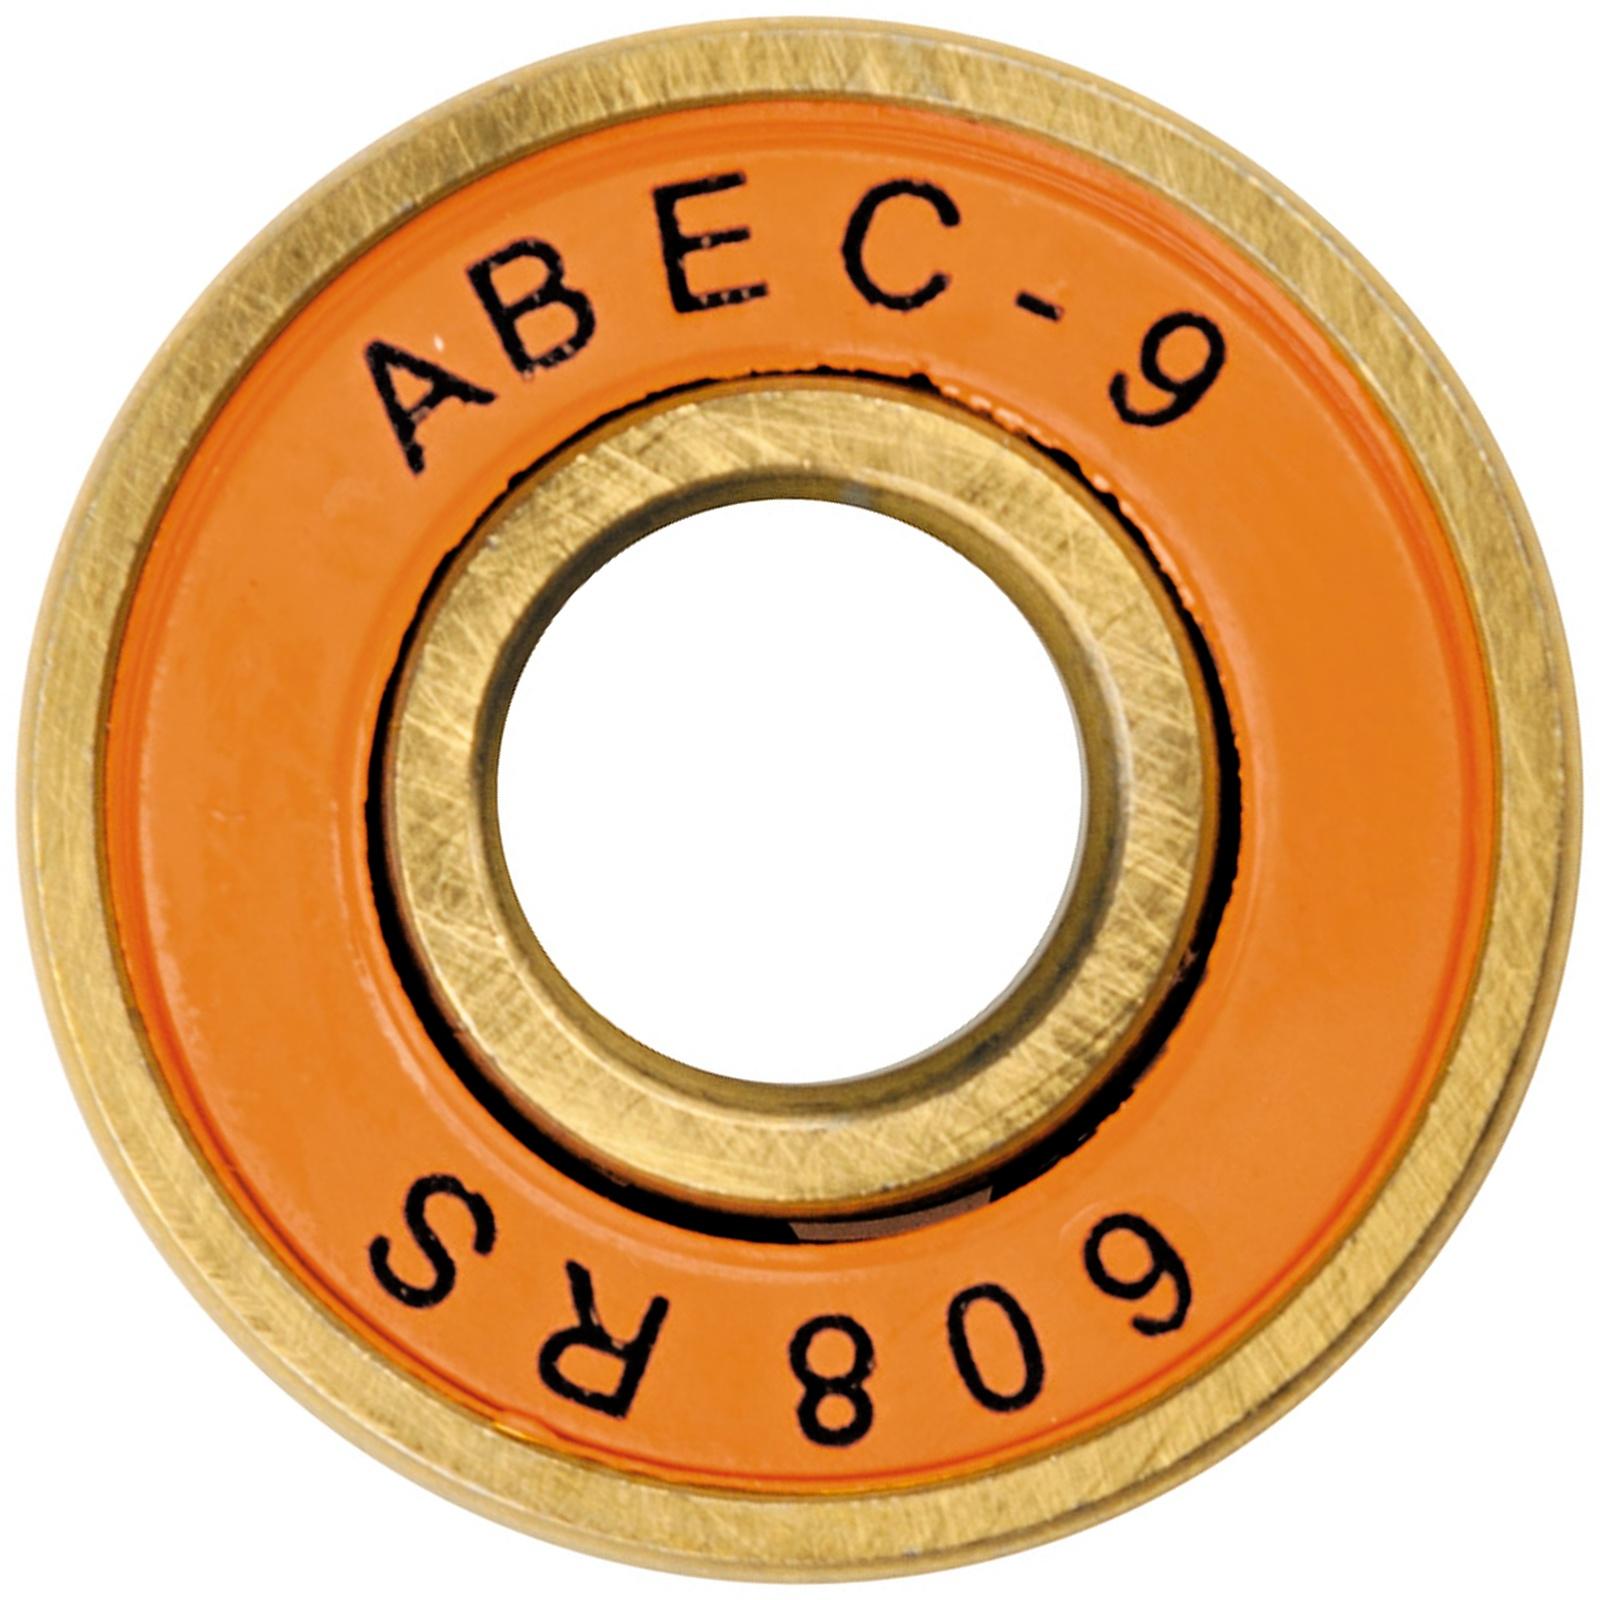 Ložiska SPOKEY ABEC 9 2RS CU